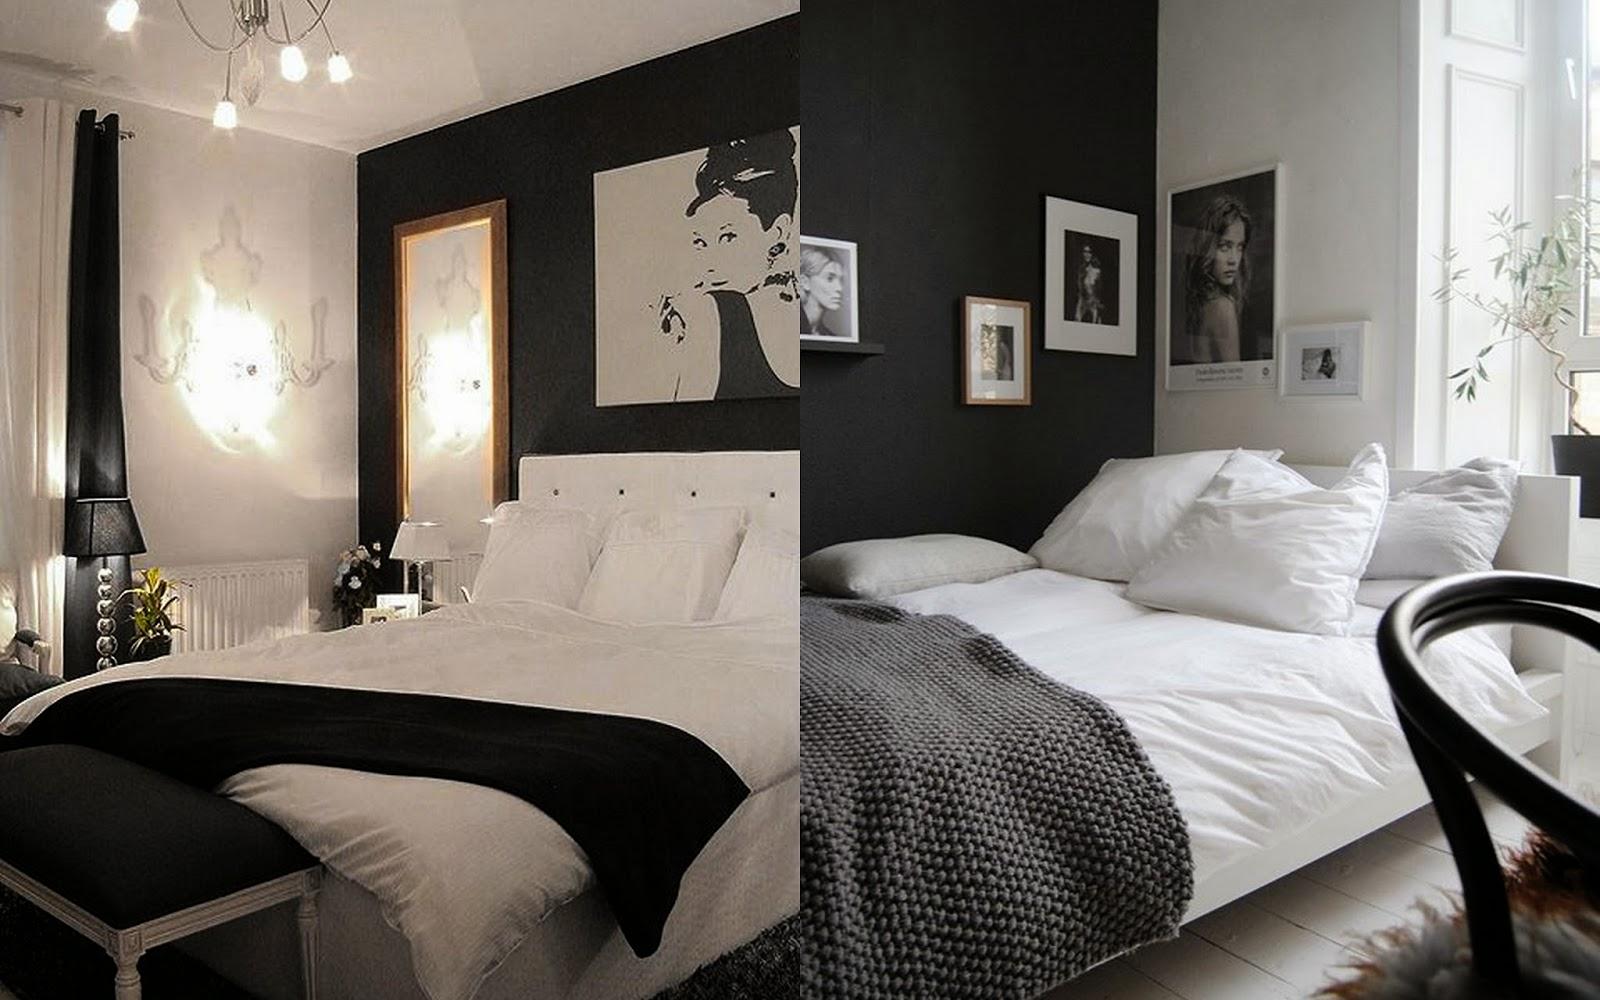 Asaletin renkleri siyah beyaz